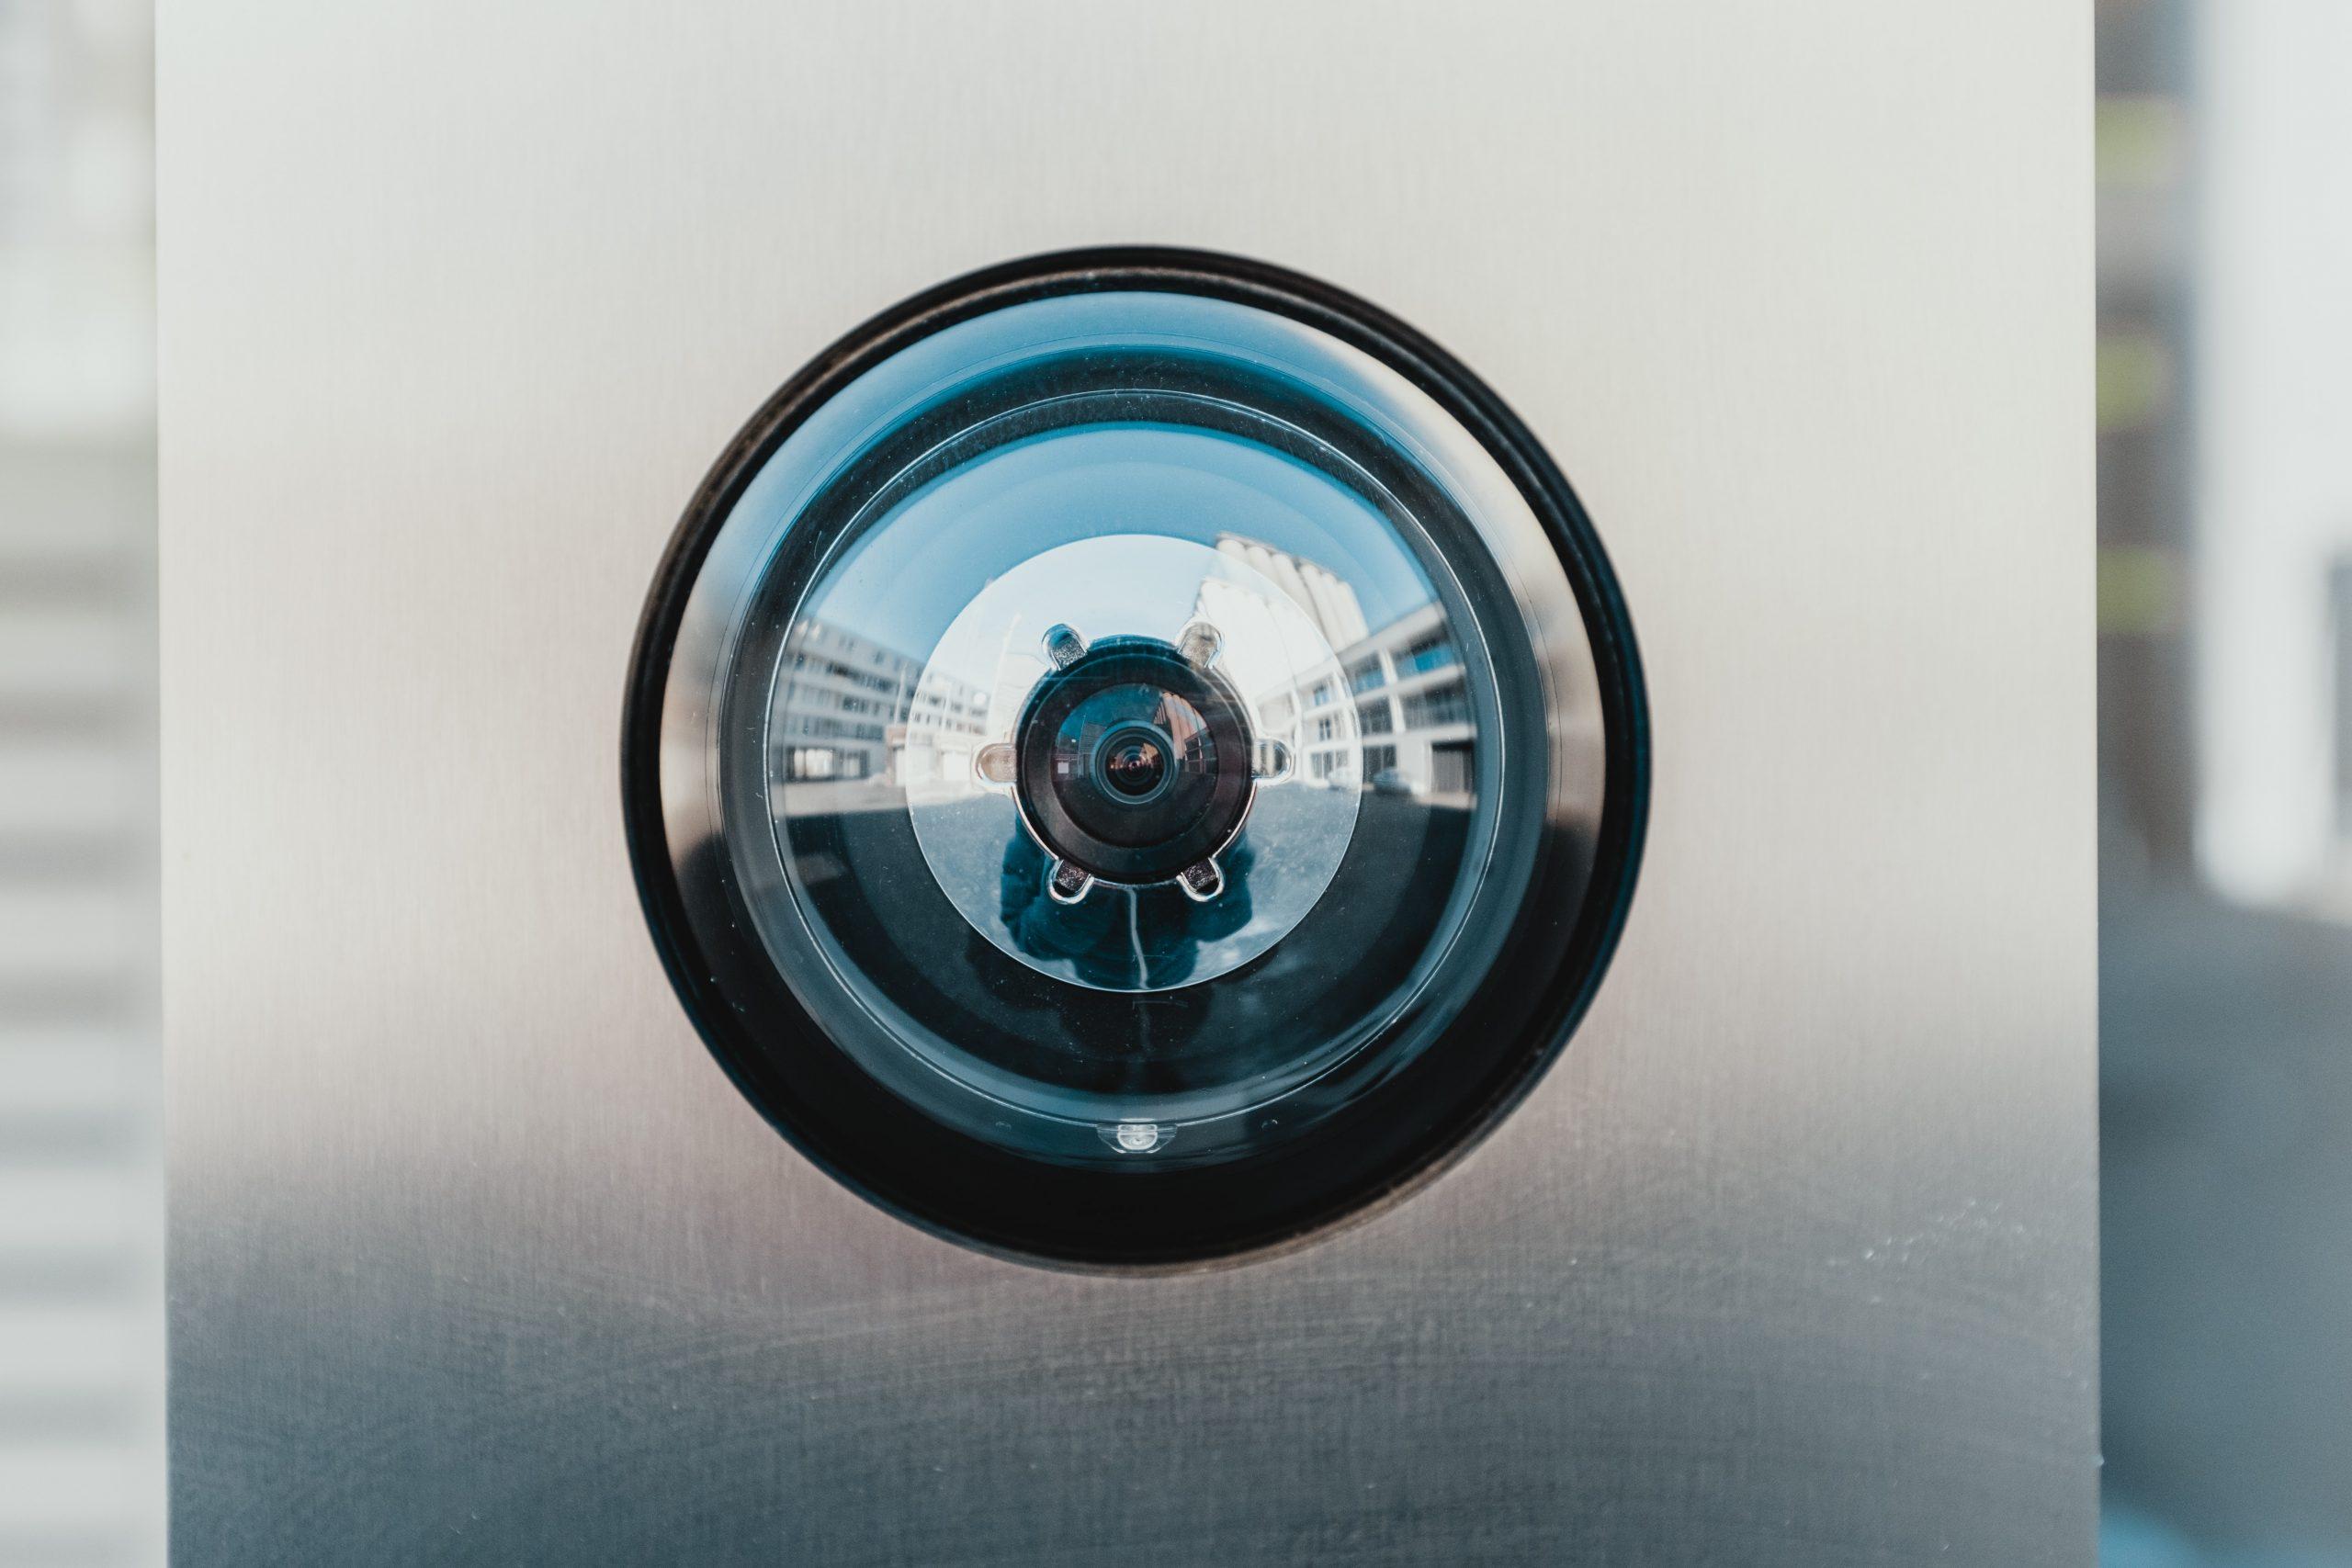 bernard hermant IhcSHrZXFs4 unsplash scaled - Kameraovervågning skaber mere tryghed